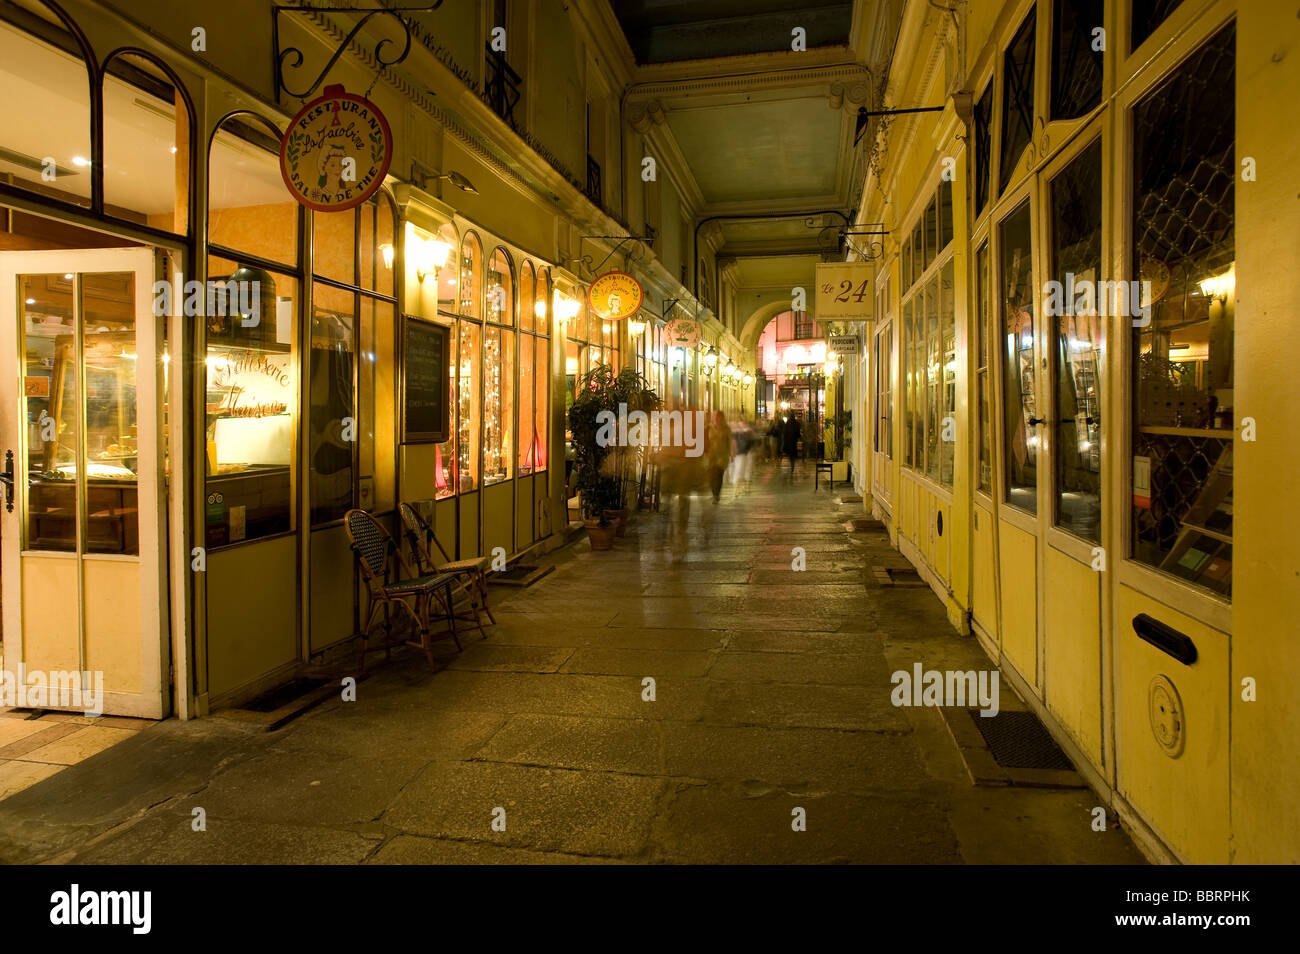 Paris St Germain des Pres - Stock Image